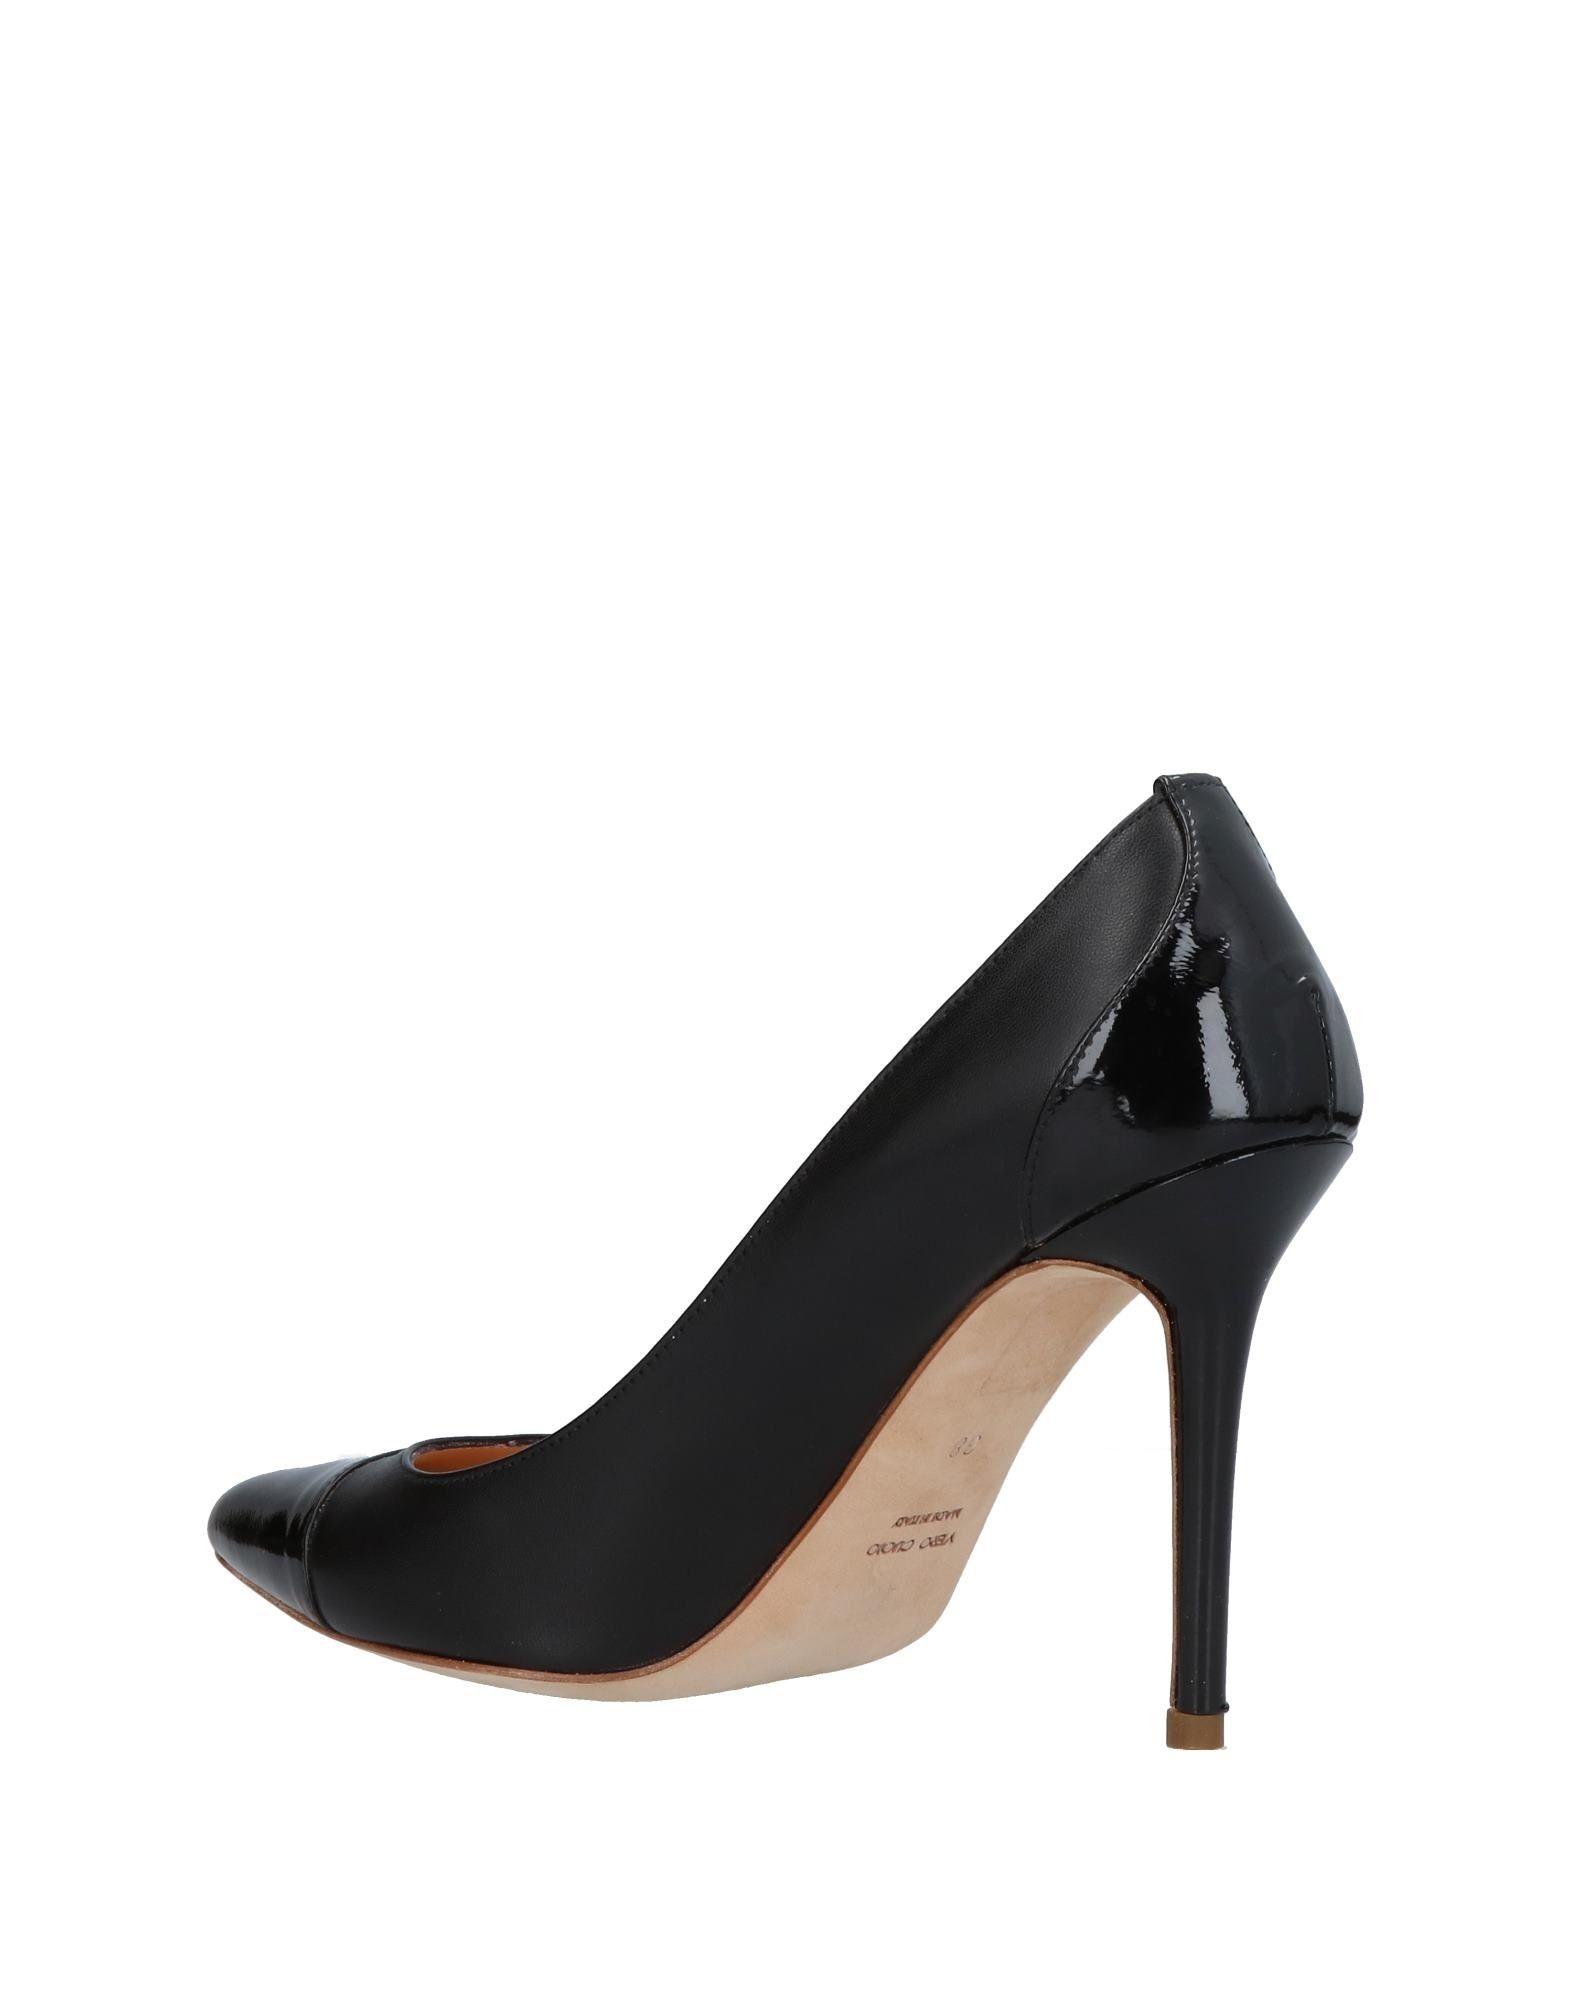 Günstige Schuhe und modische Schuhe Günstige List Pumps Damen  11384541IC c260f0